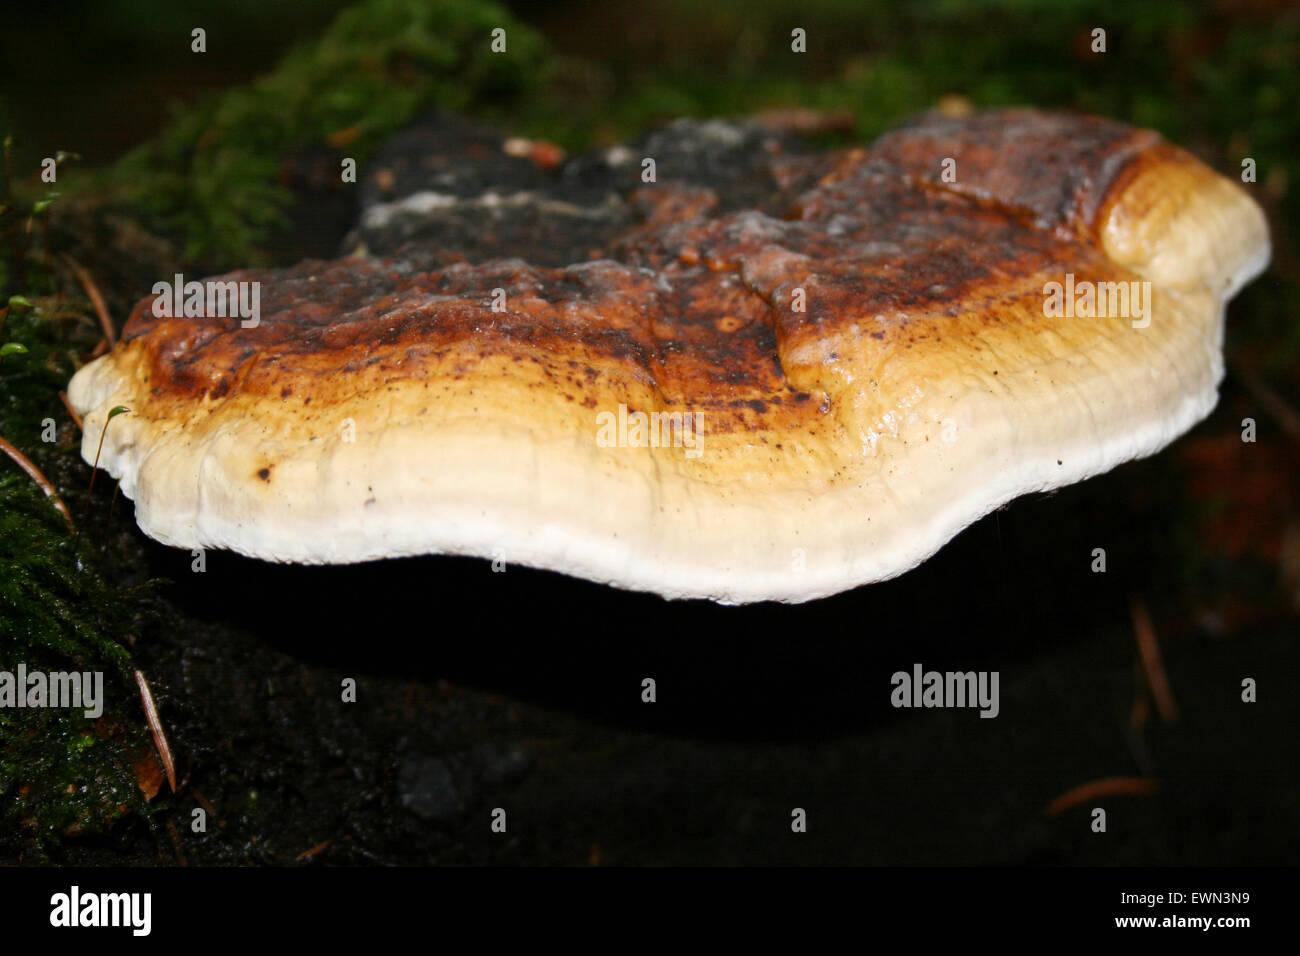 schmetterlingstramete - Stock Image